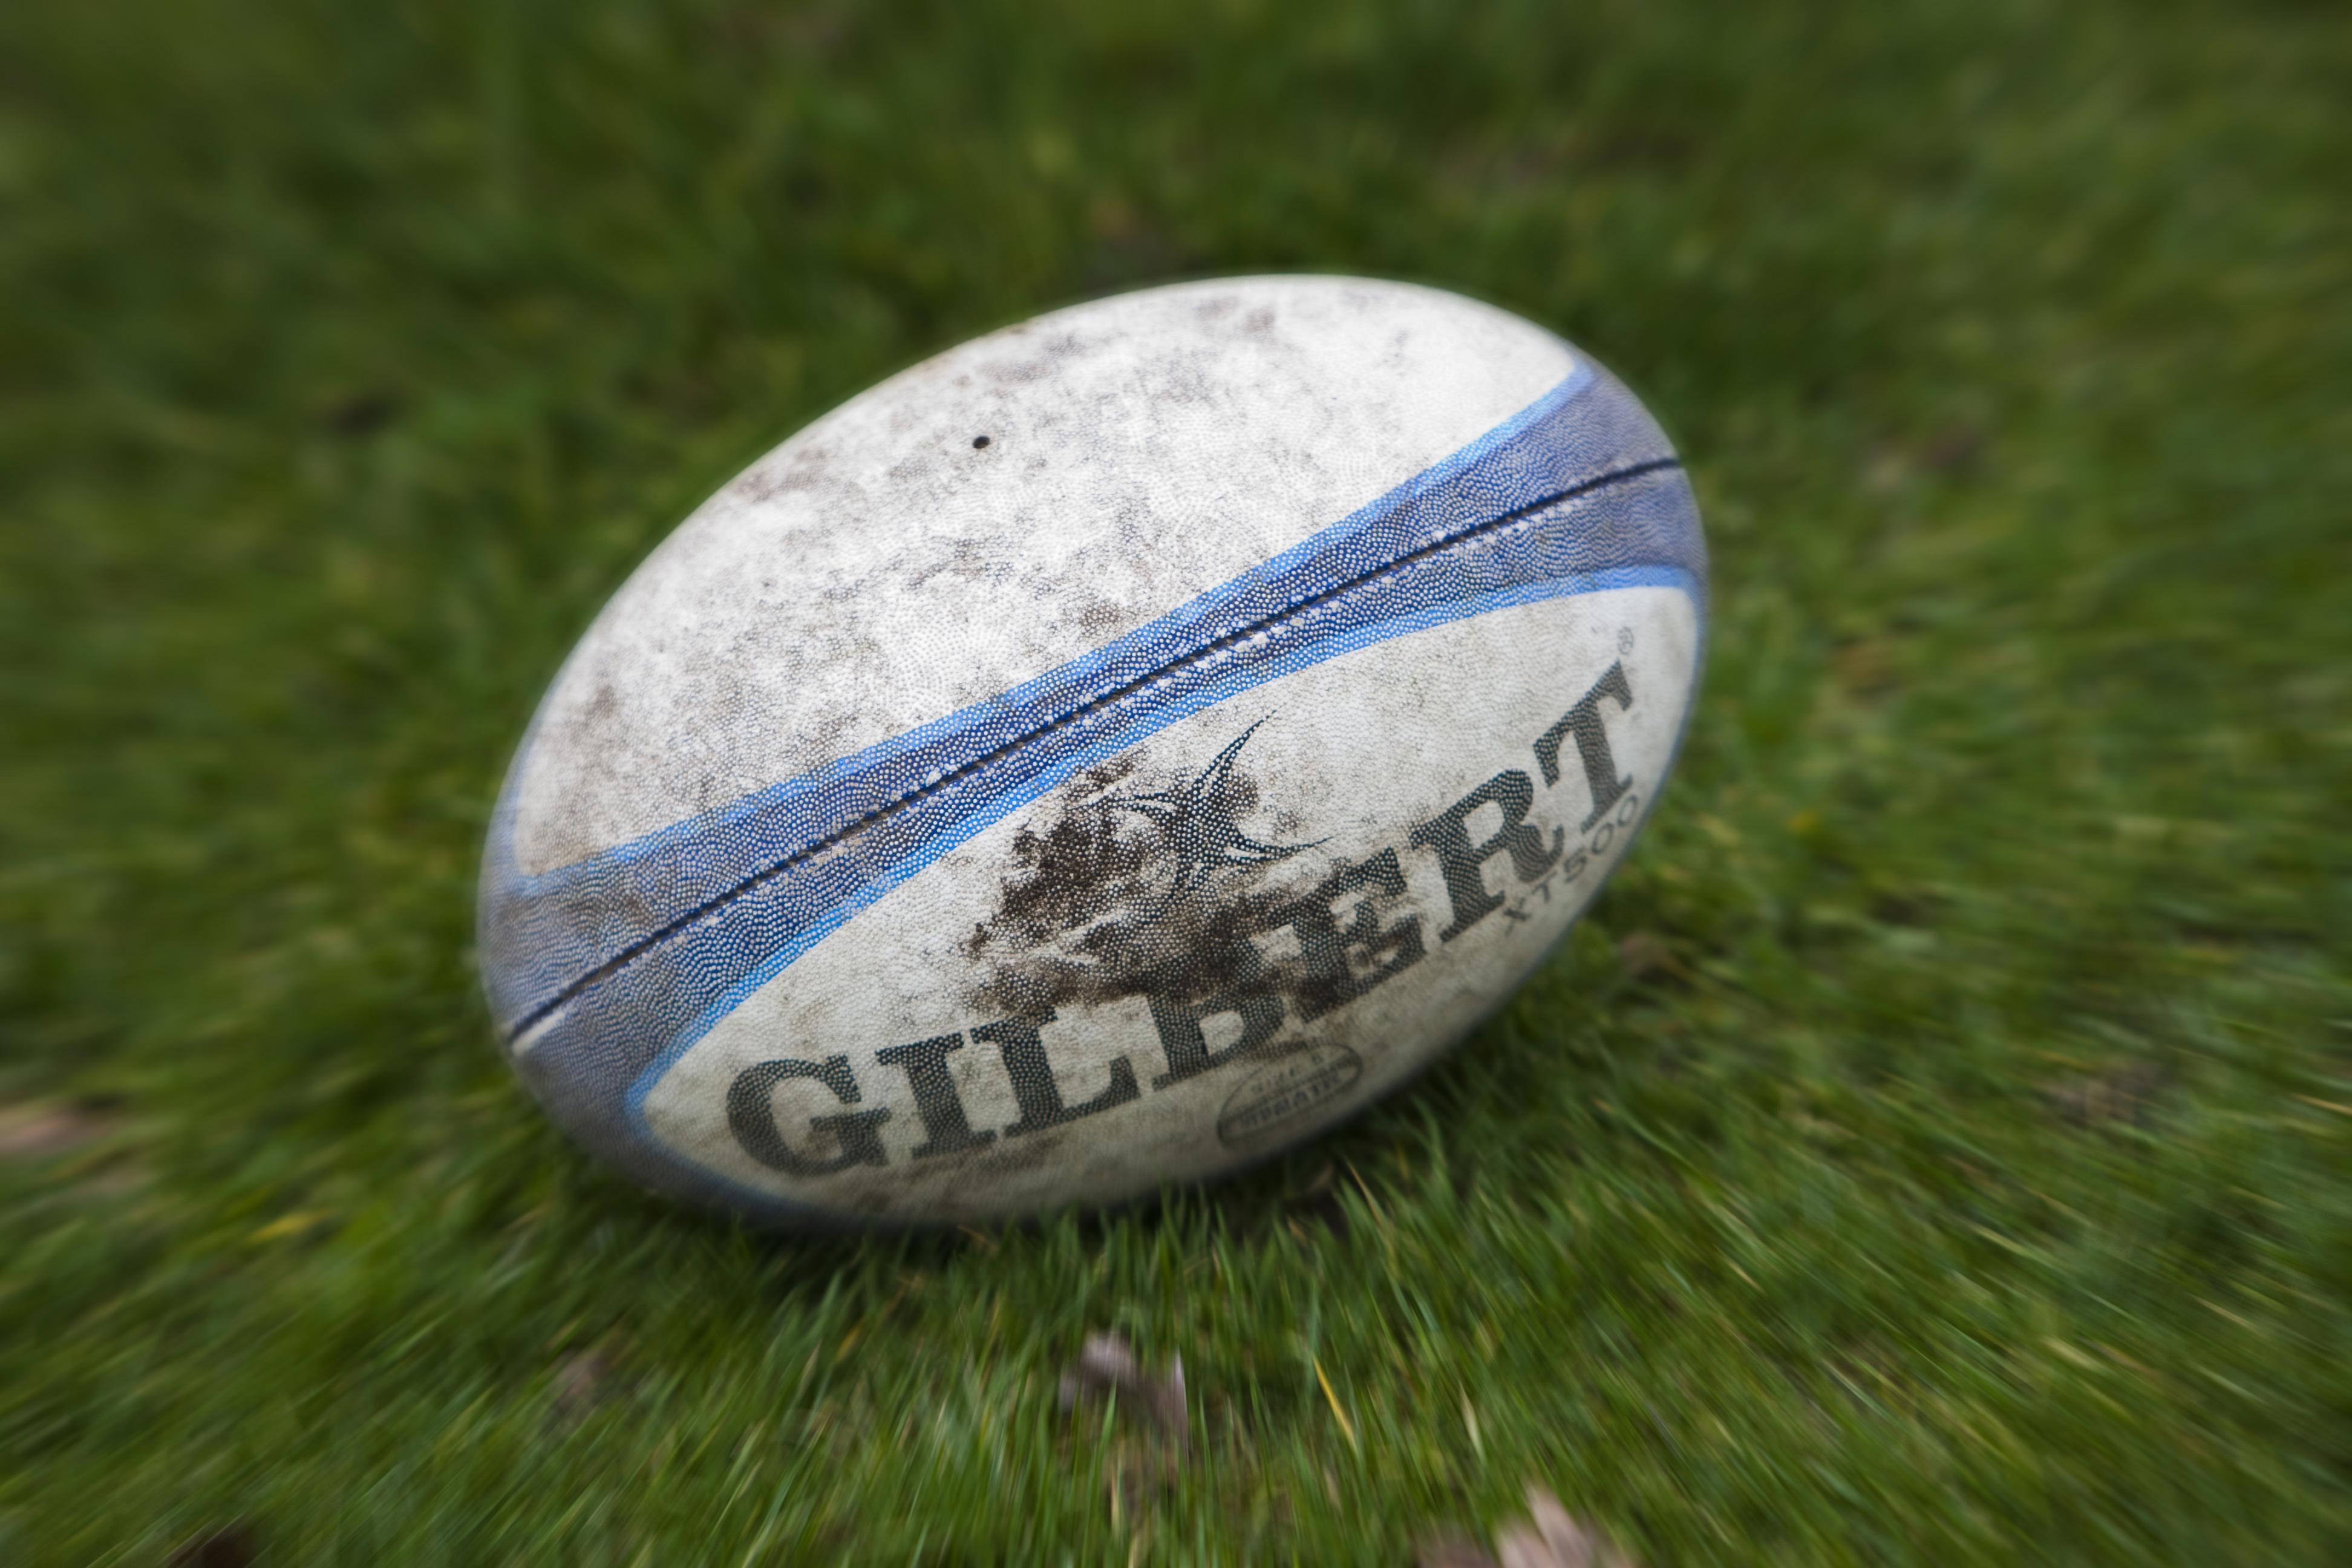 Valse start geldt als wake-up call voor rugbyers van 't Gooi